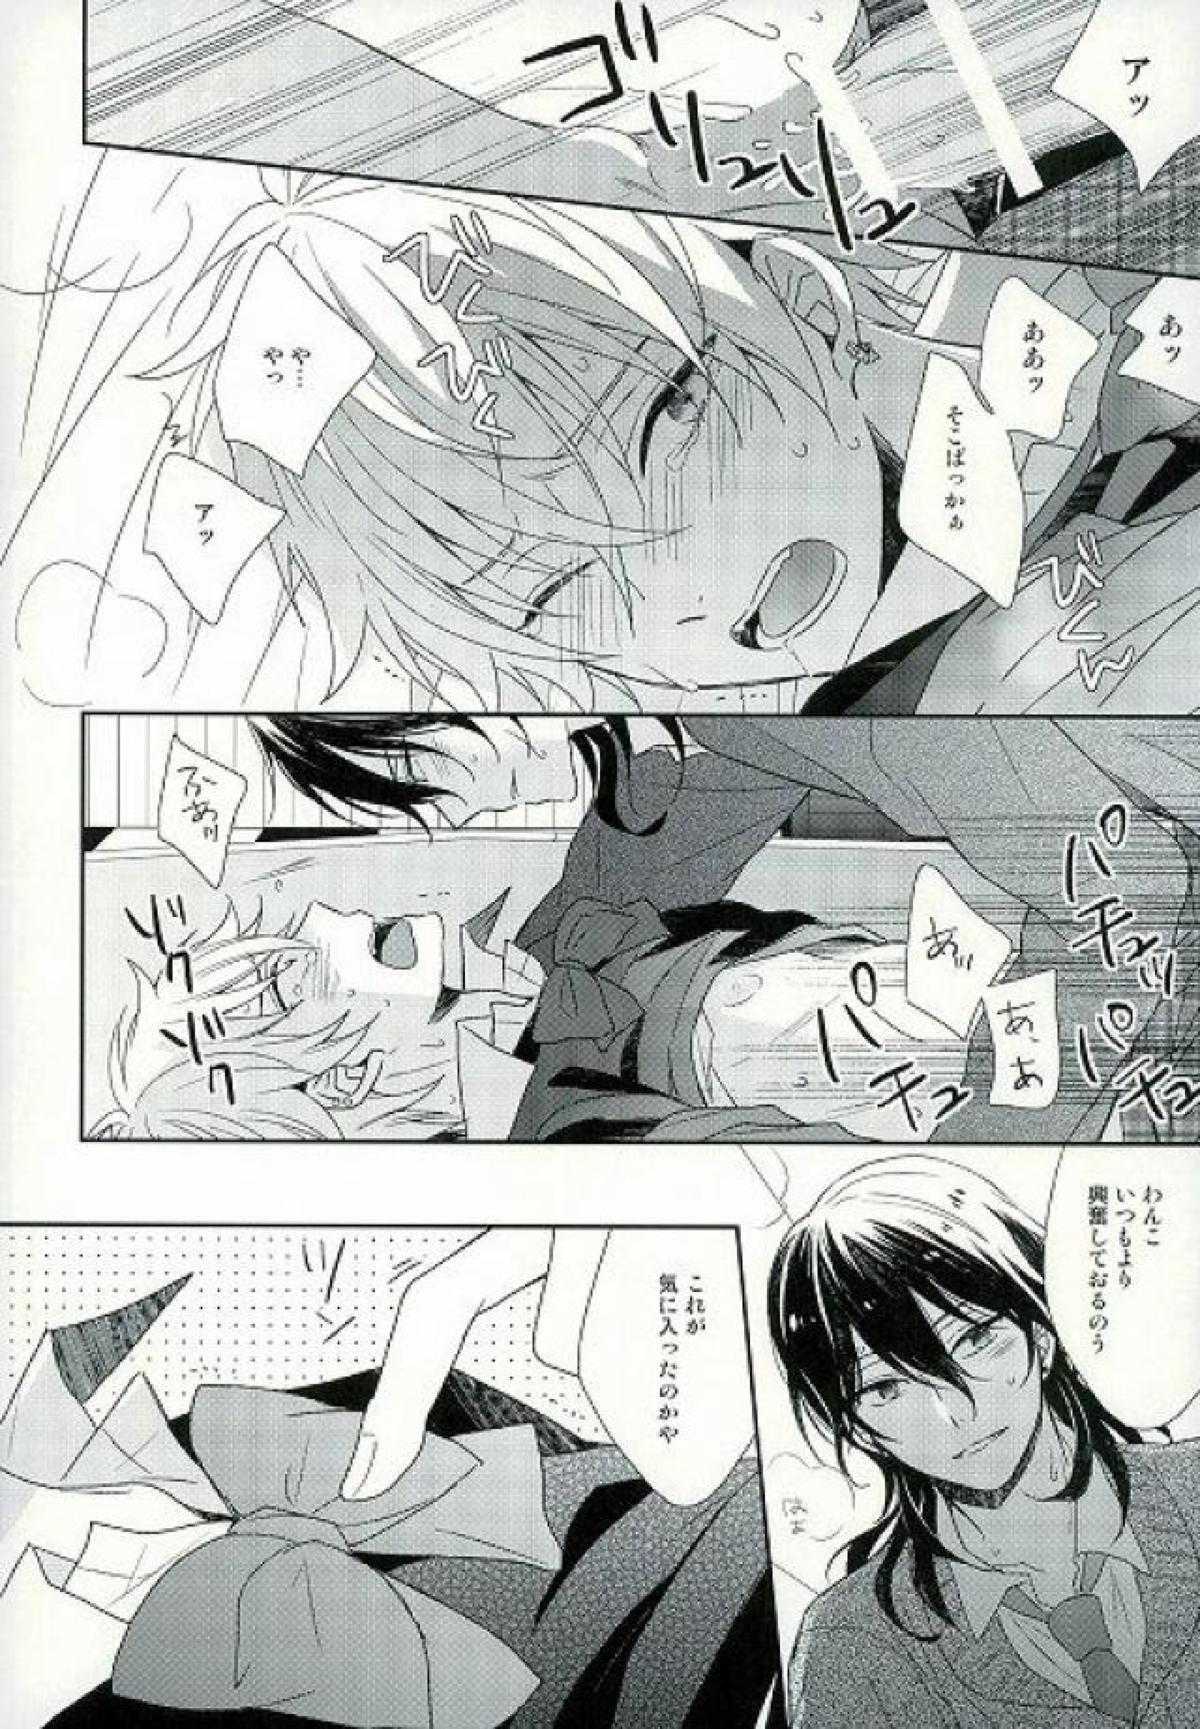 Seifuku Resistance 18